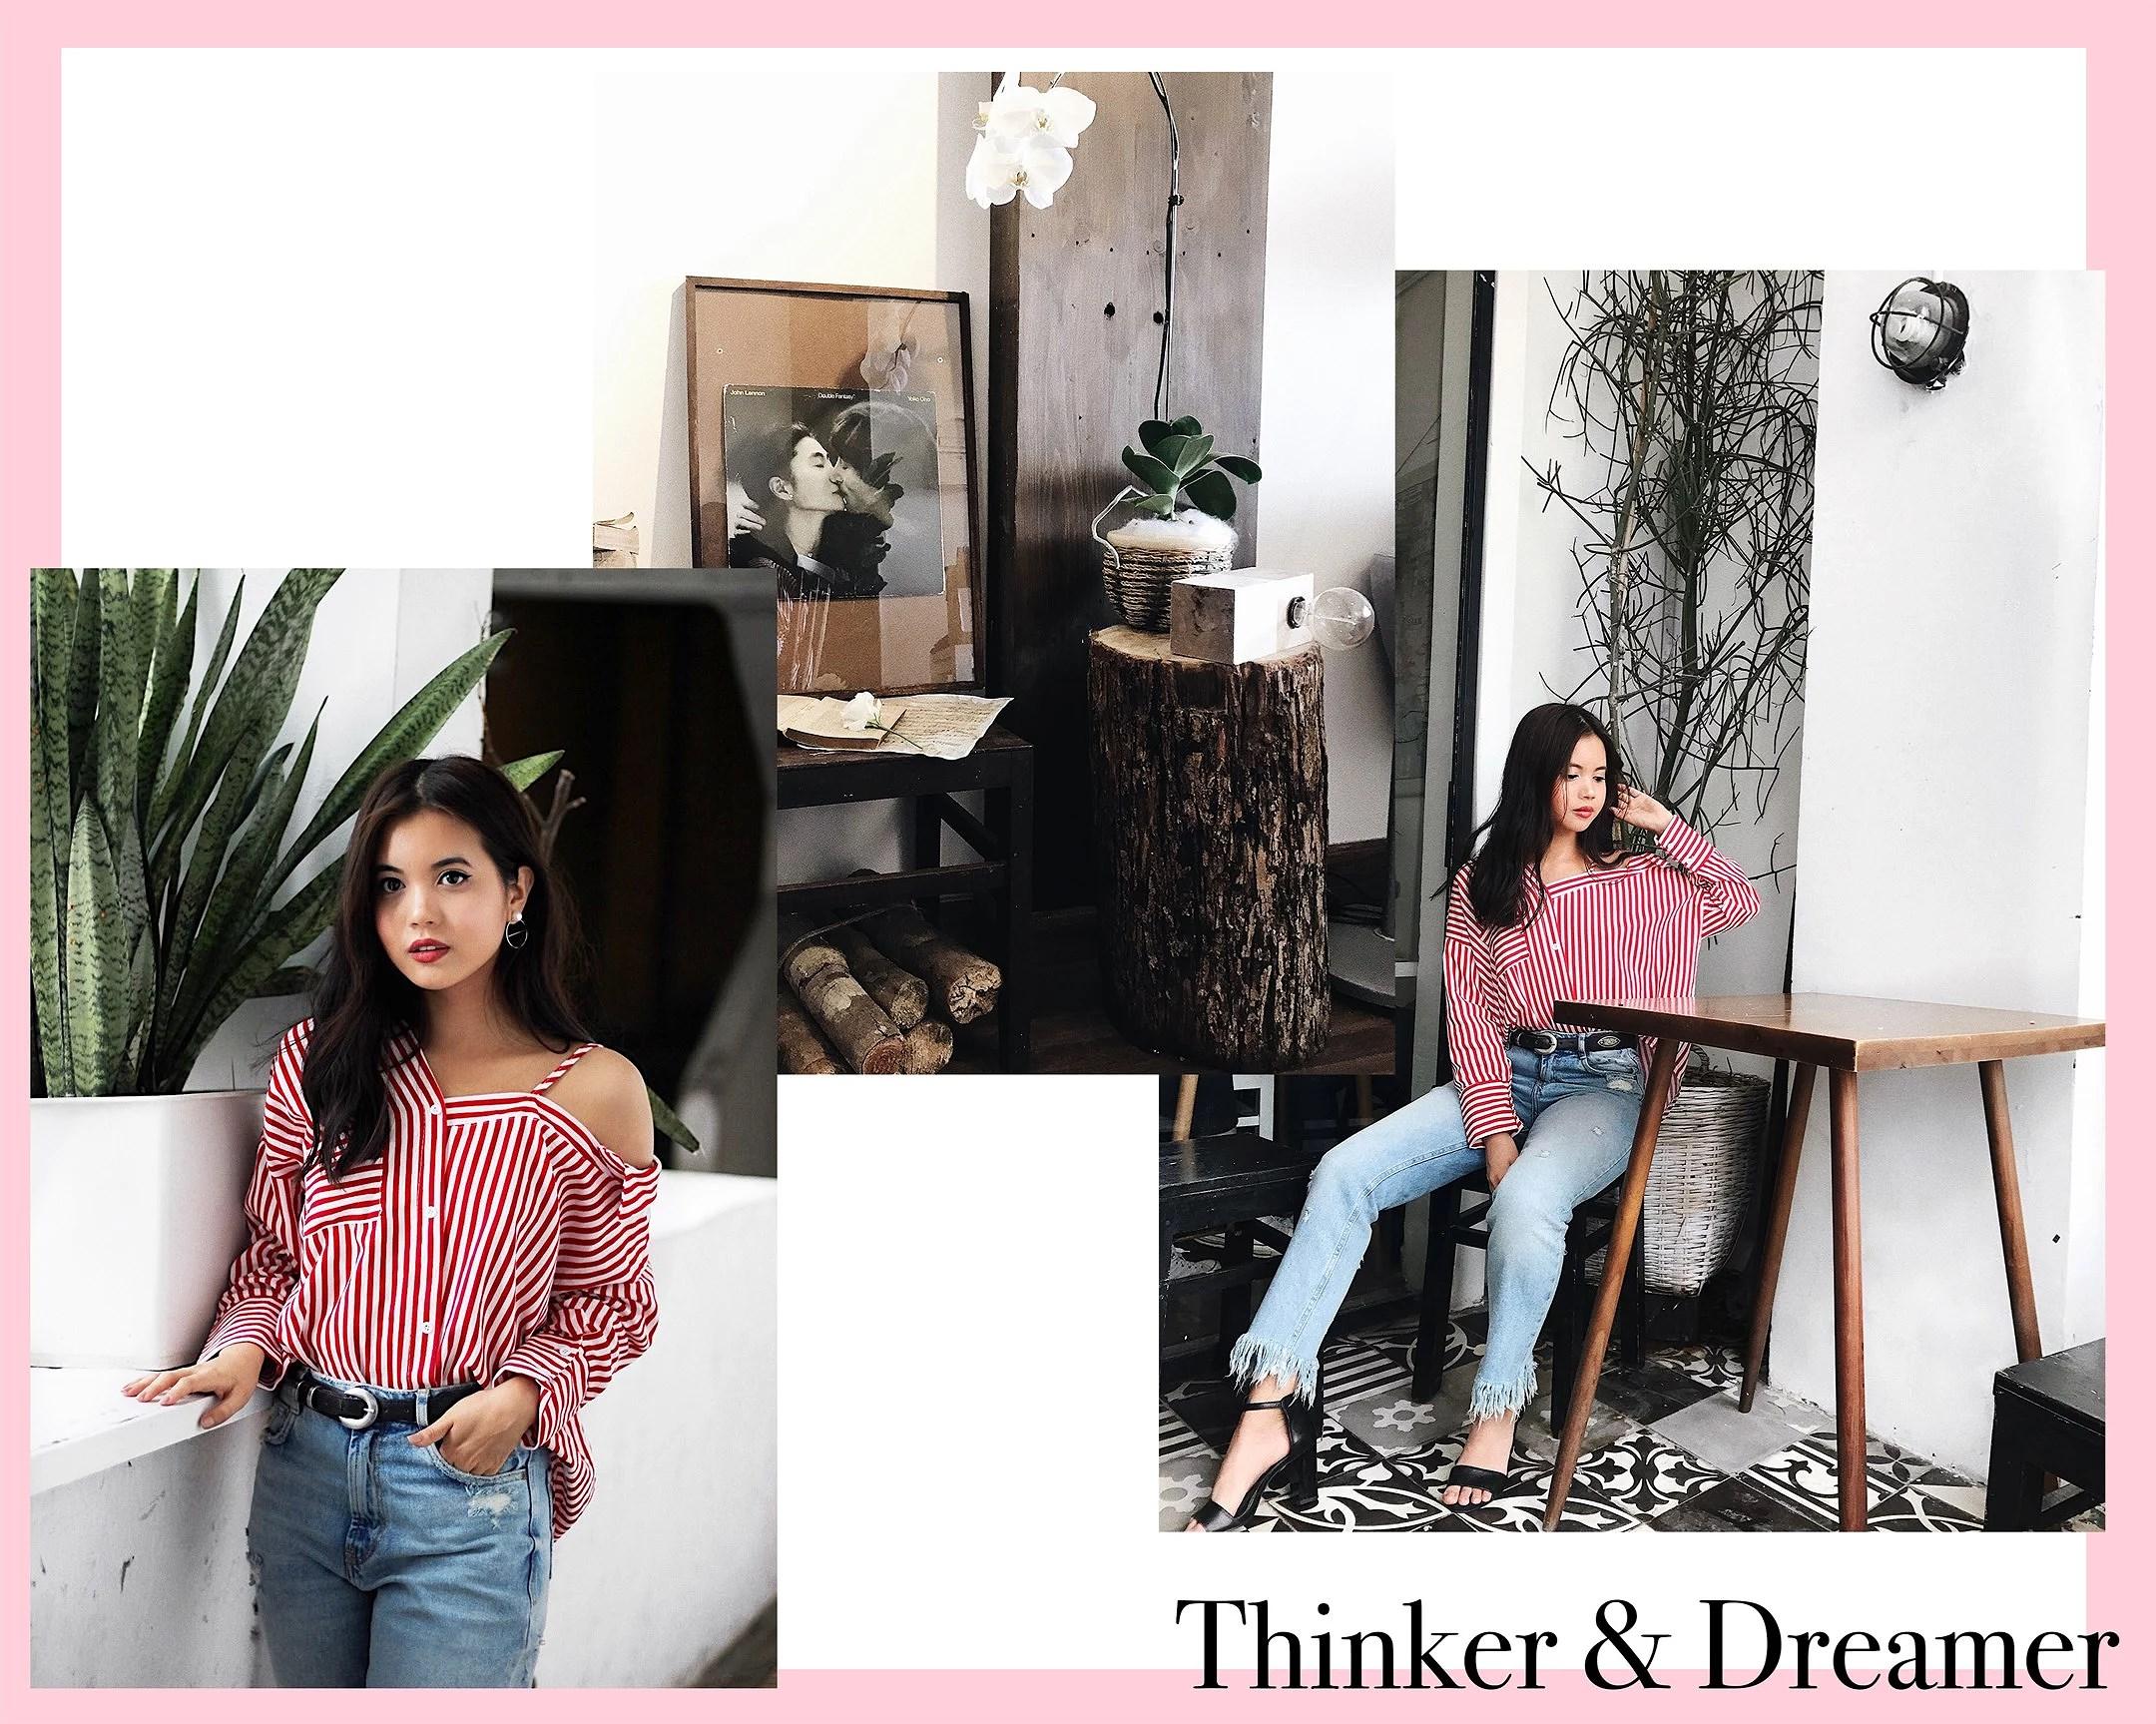 THINKER & DREAMER